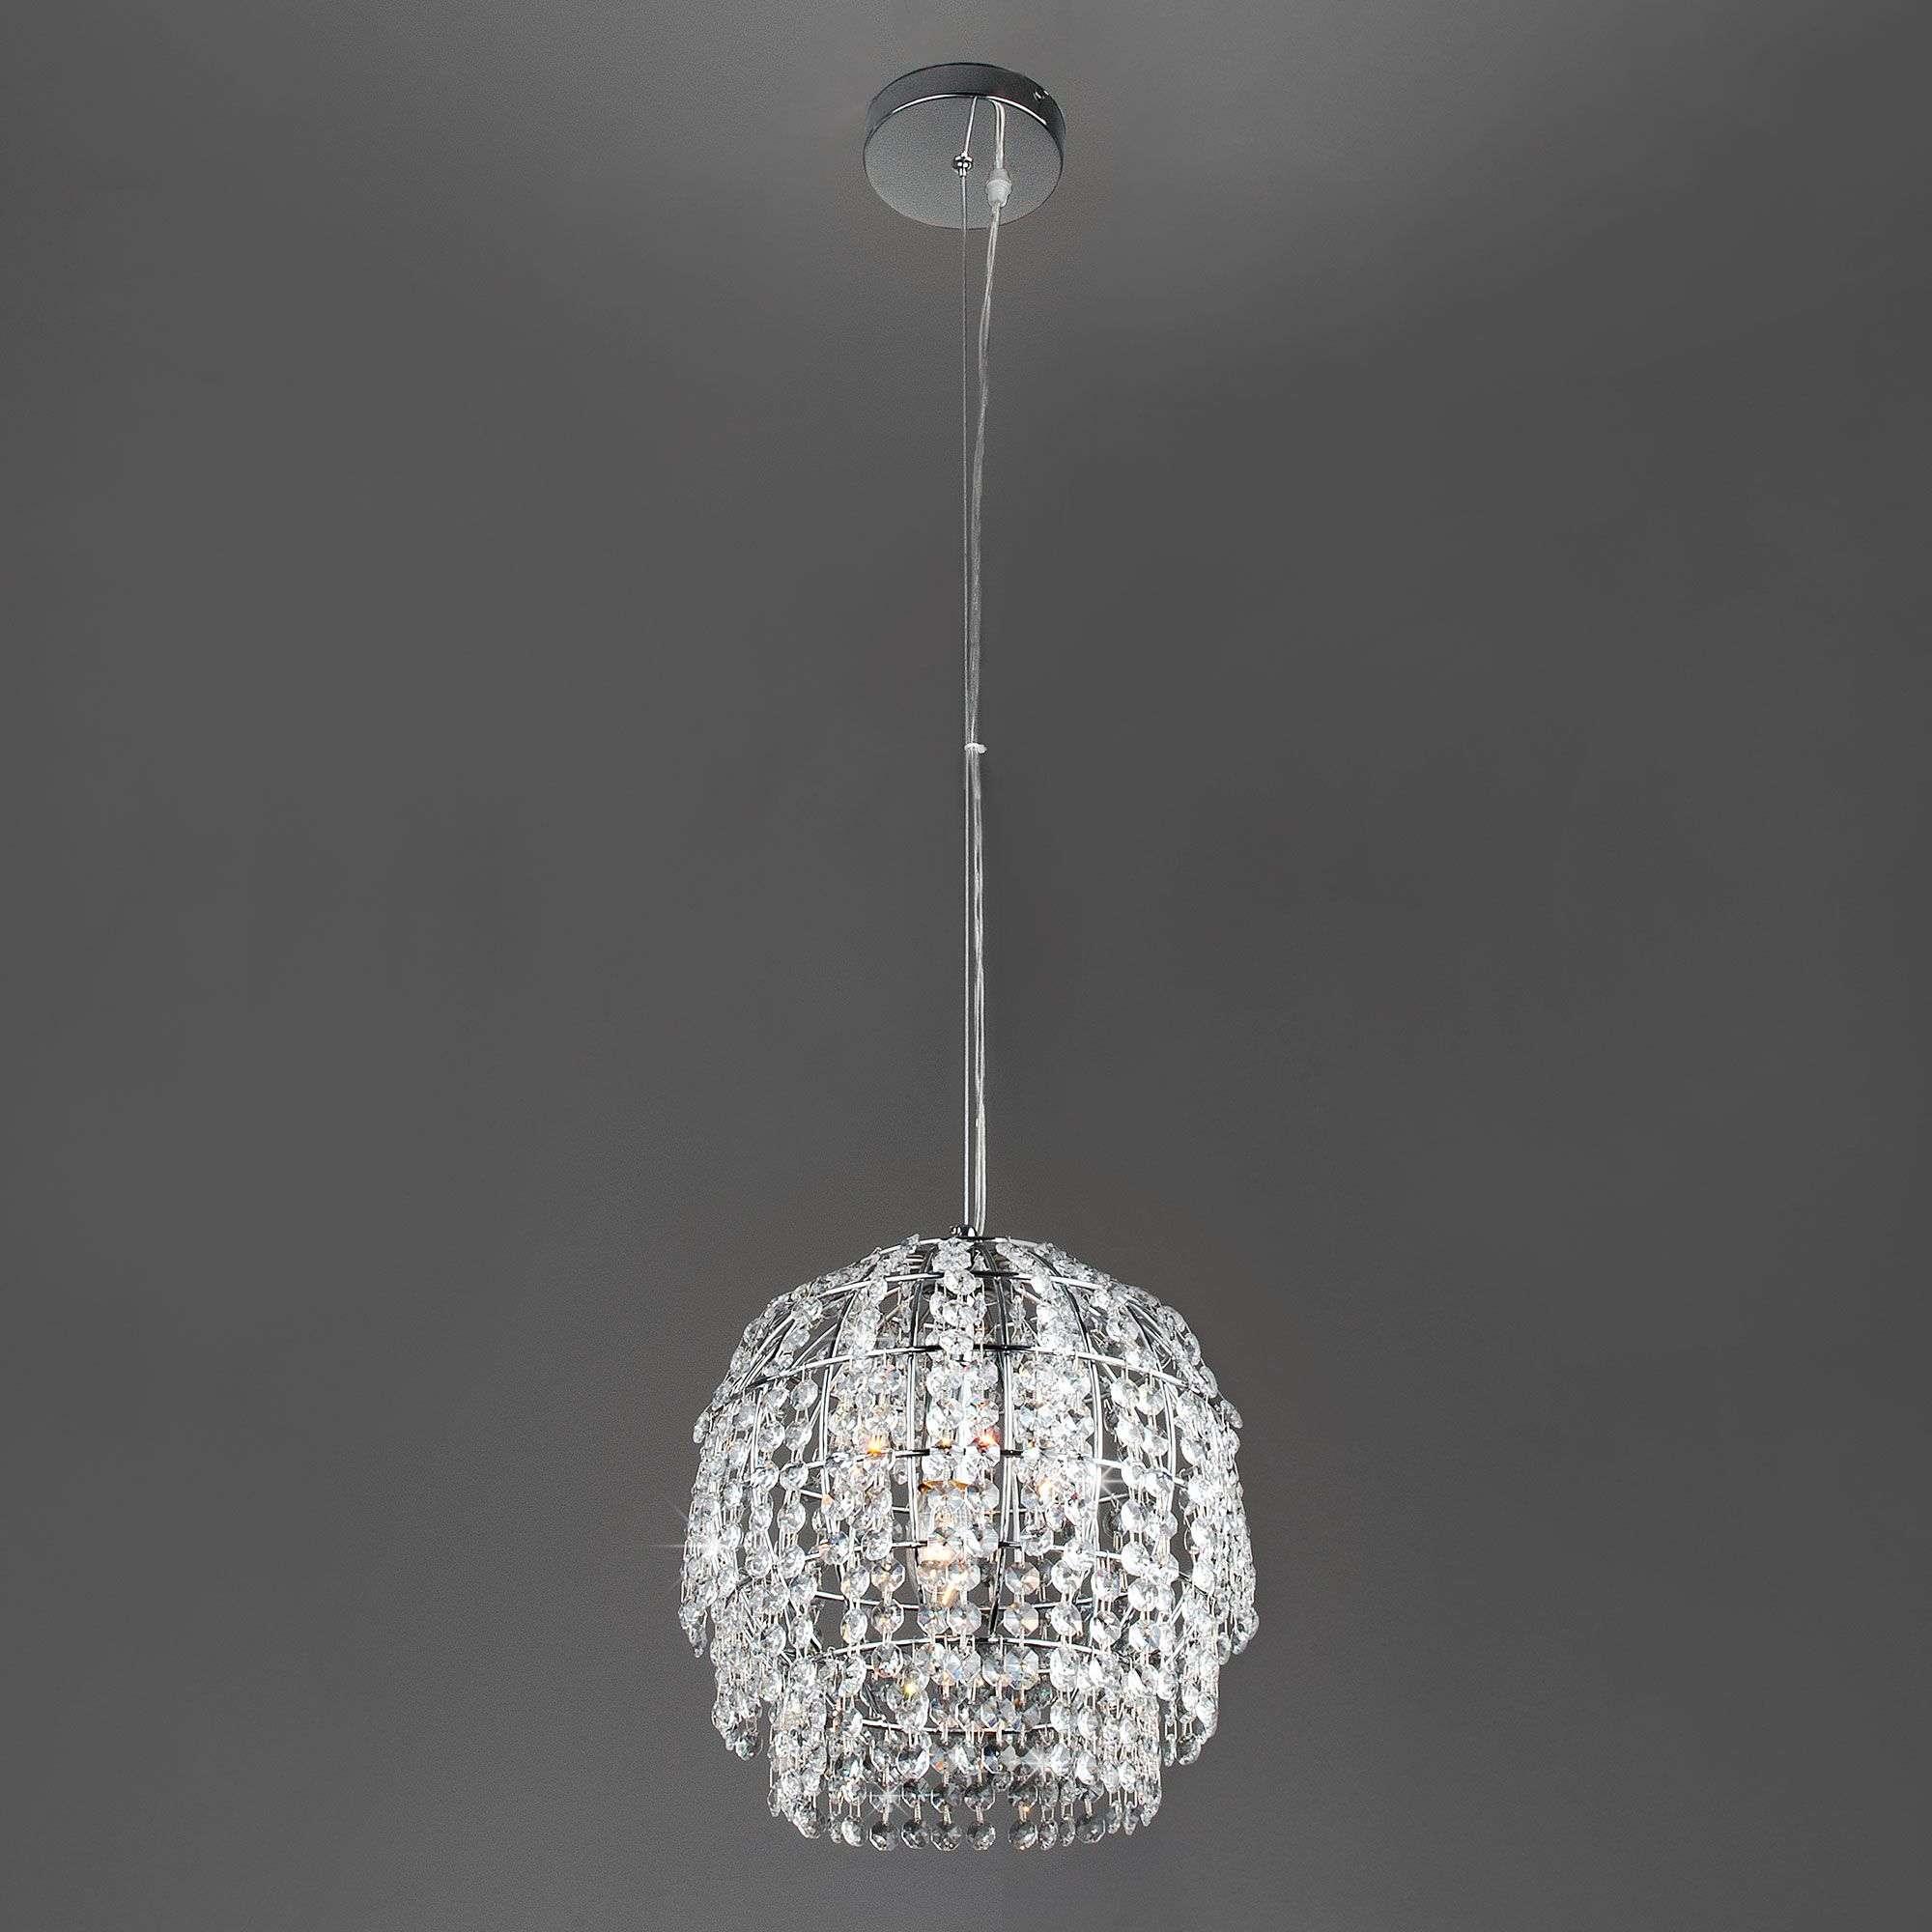 Подвесной светильник с хрусталём 10091/1 хром/прозрачный хрусталь Strotskis